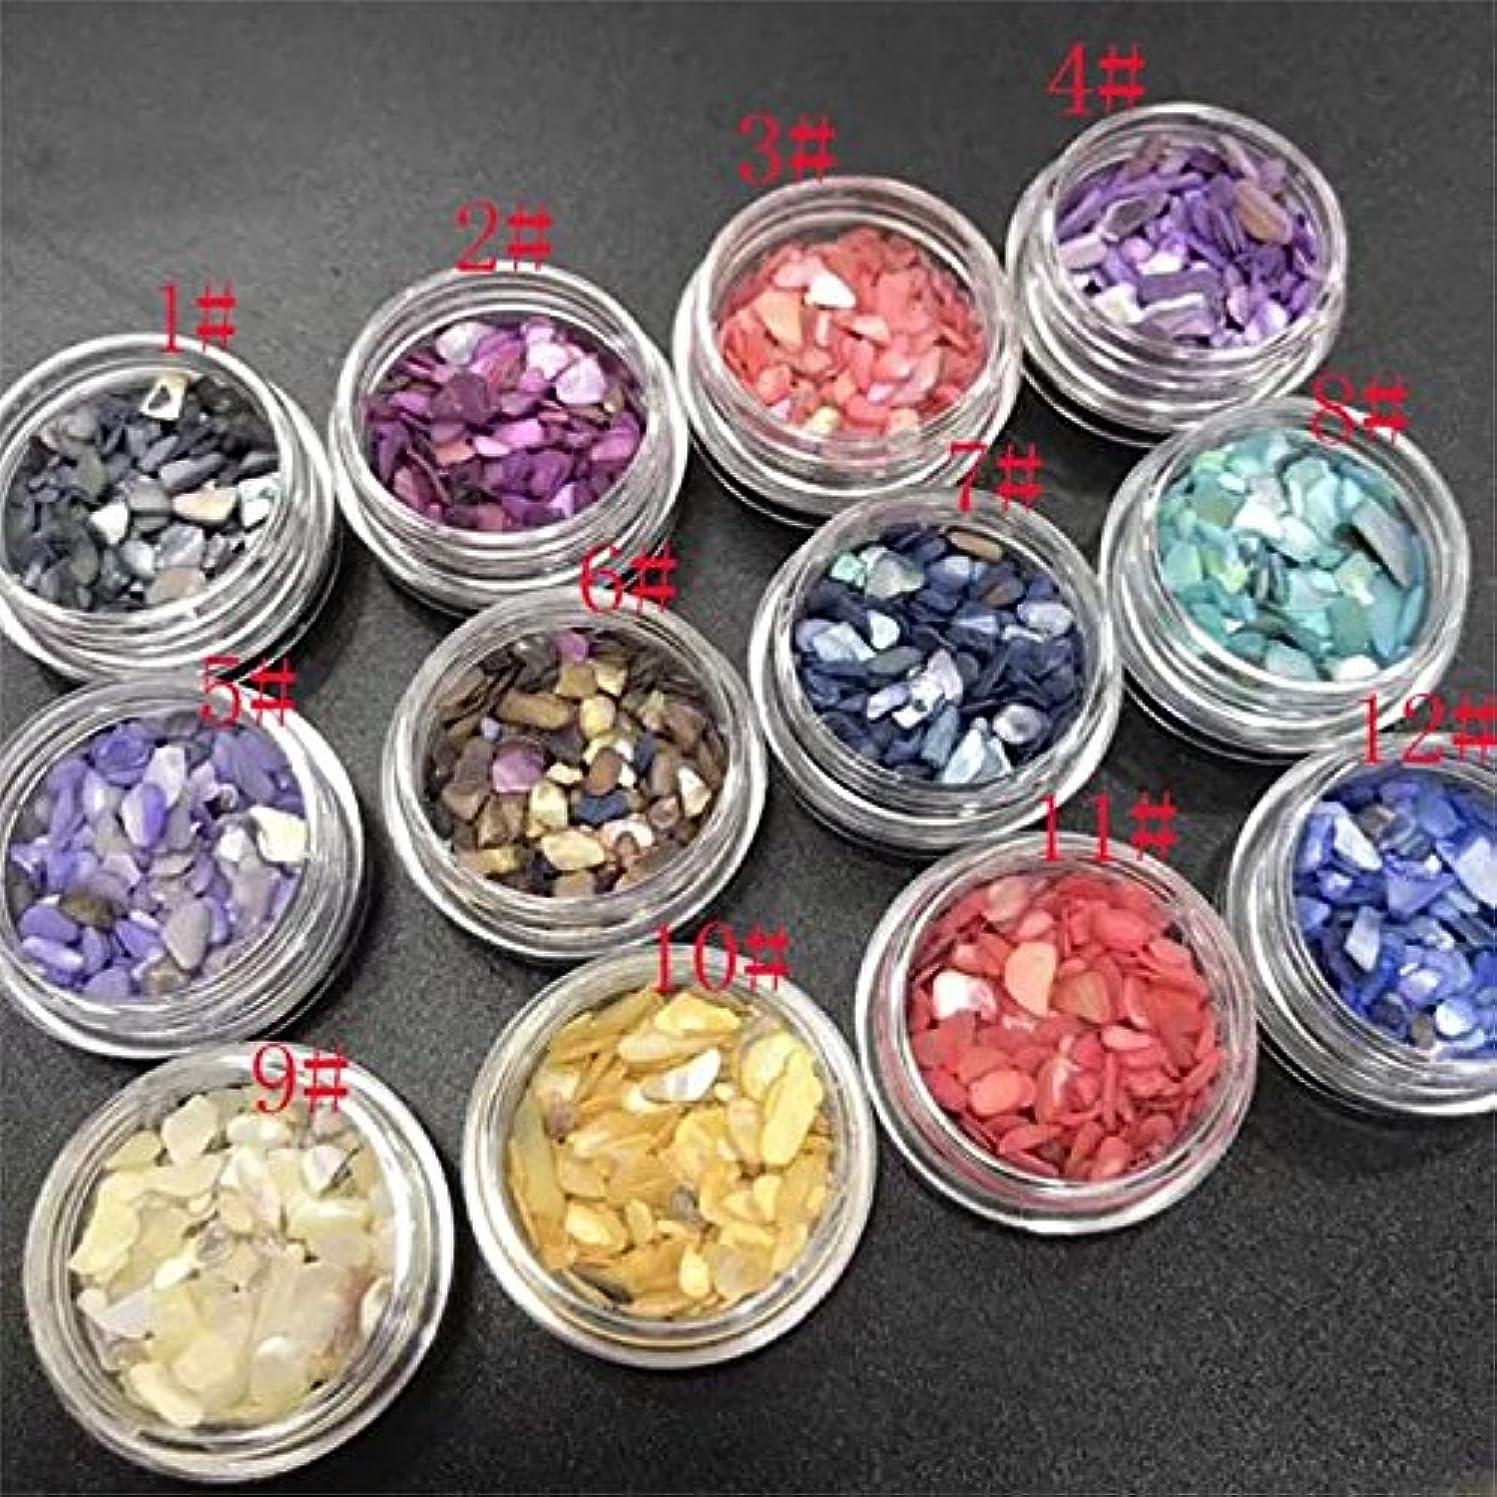 誇り永遠に薬局12色入り 最新 シェルストーン セット シェルフラワー アート用ストーン 貝殻